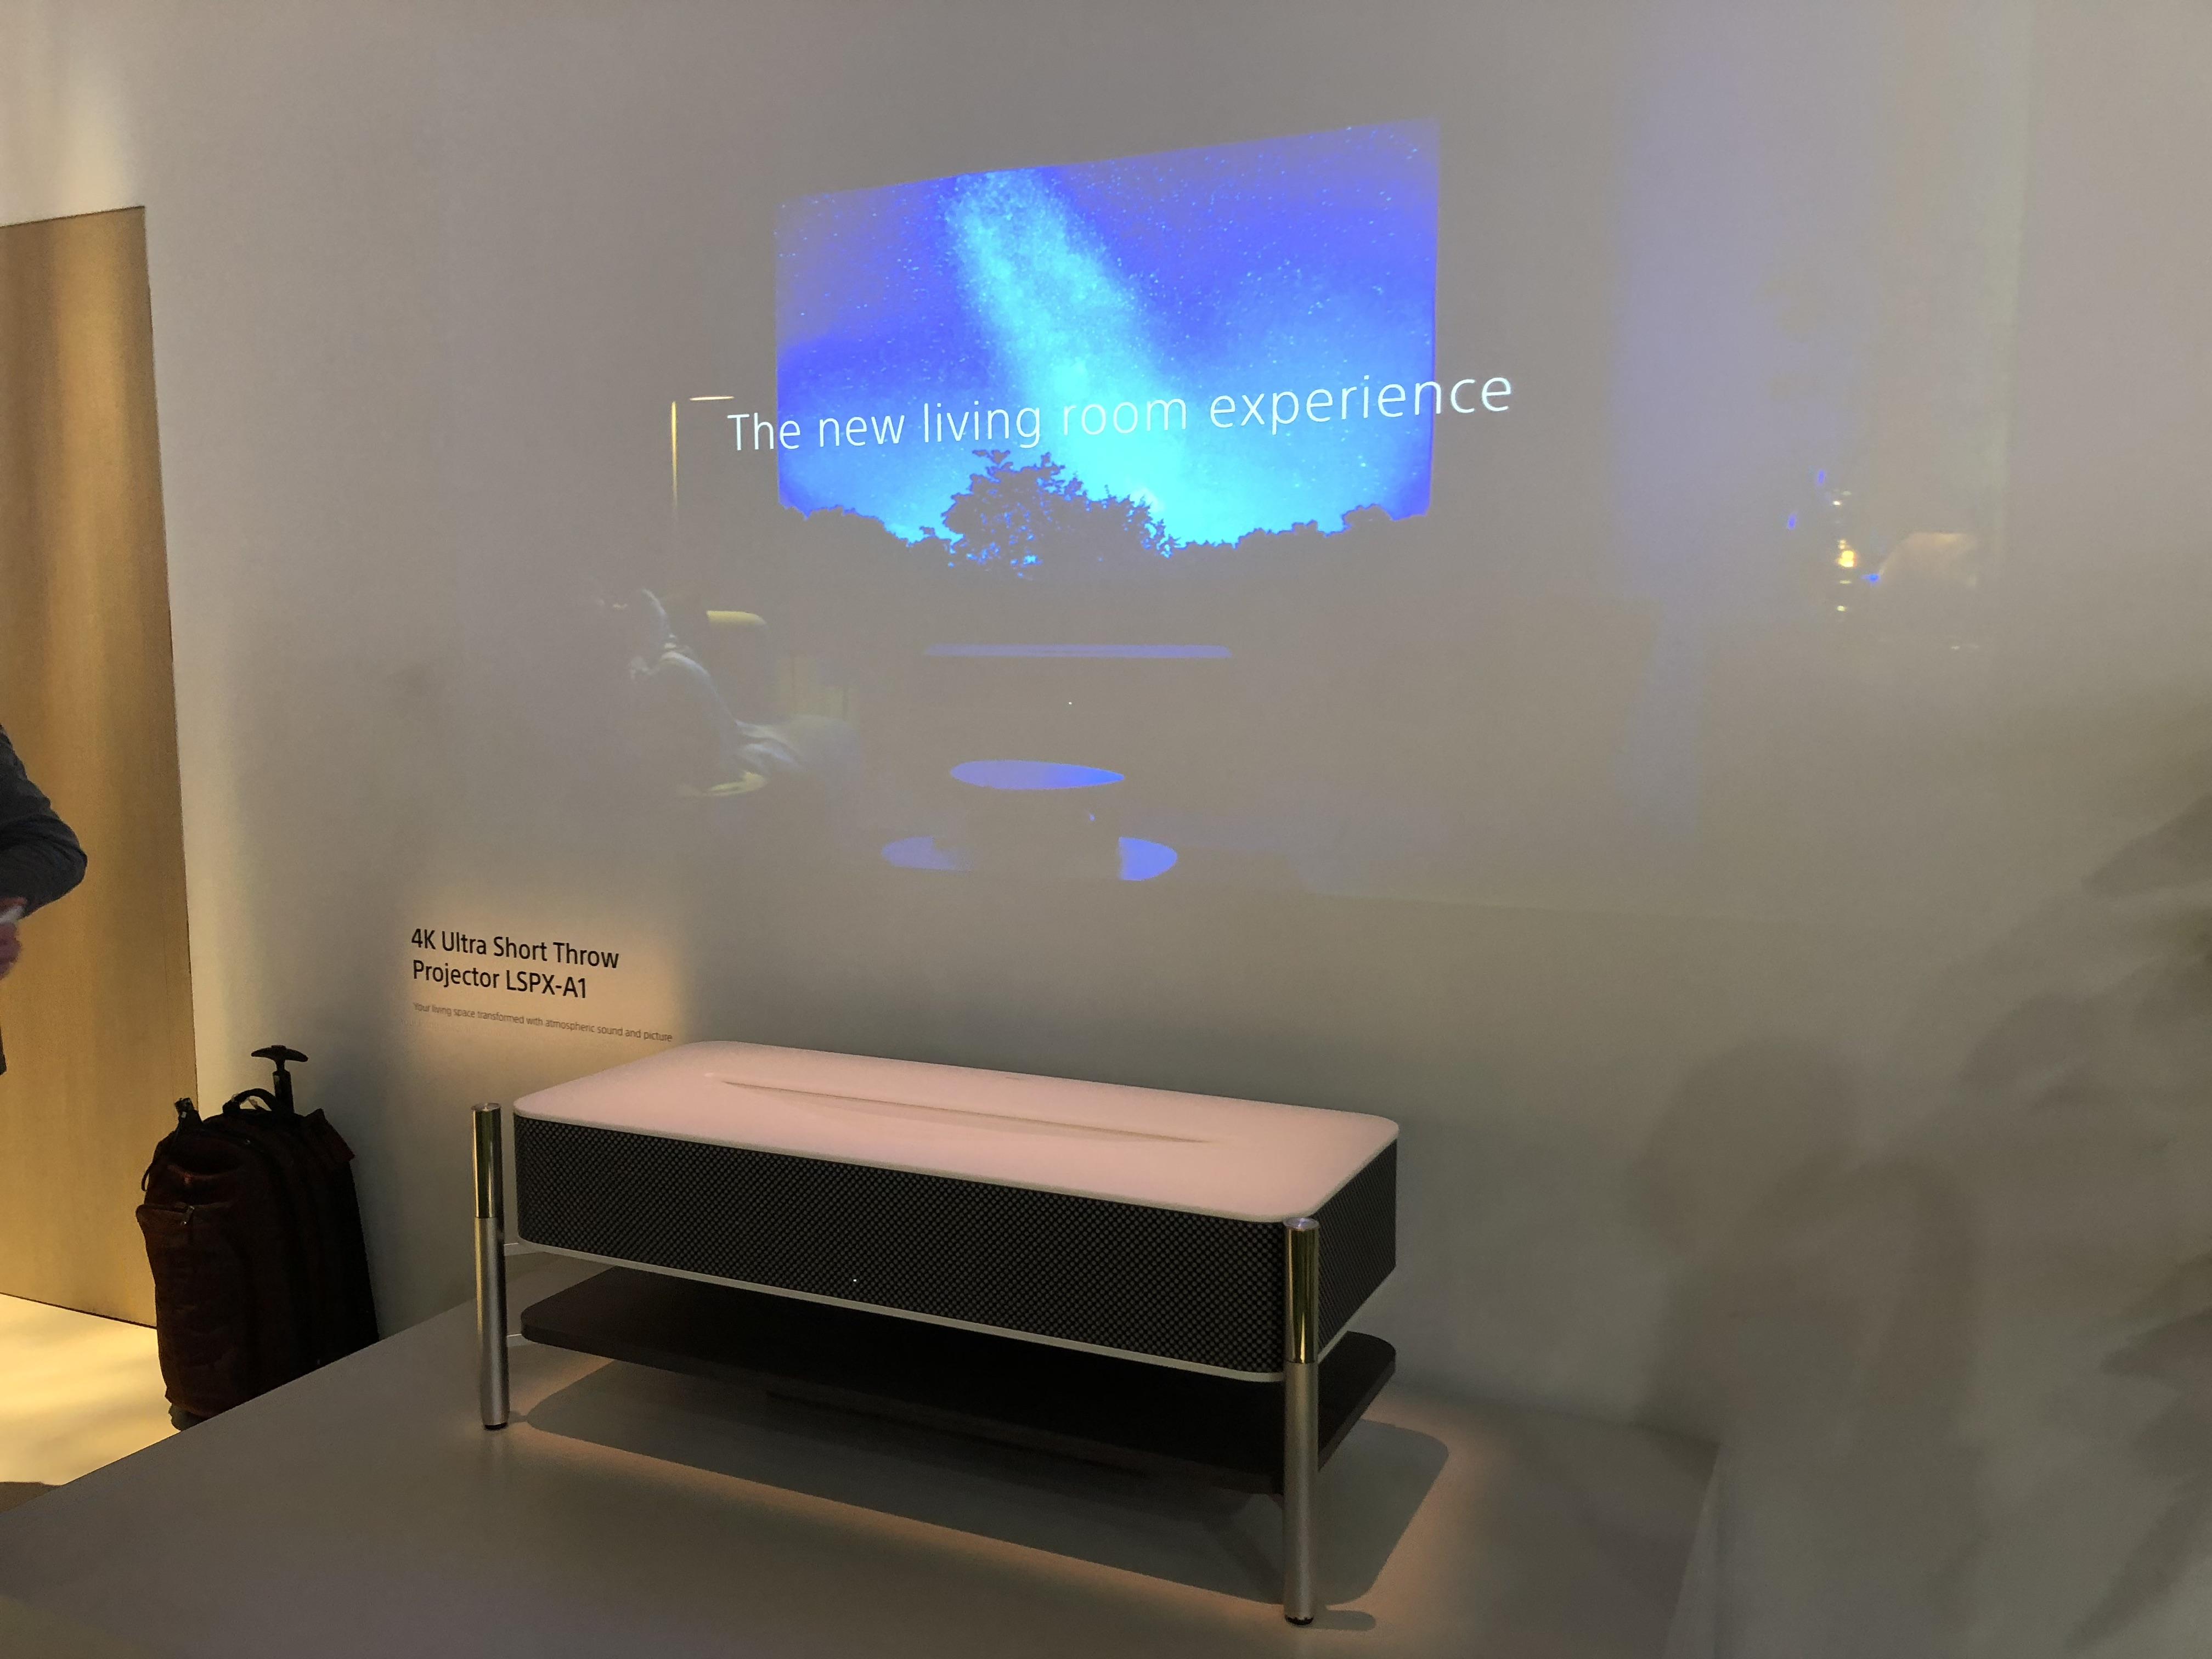 Cette table basse est un vidéoprojecteur 4K courte portée conçu par Sony